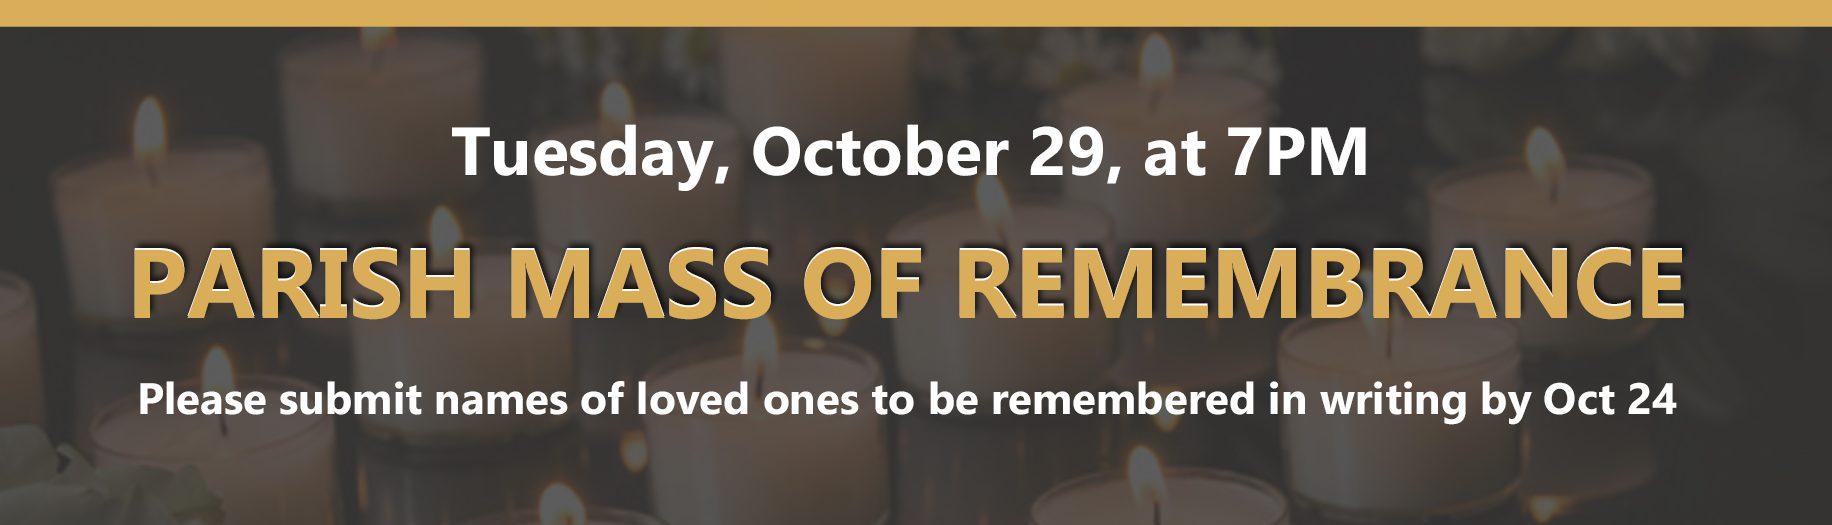 Parish Mass of Remembrance